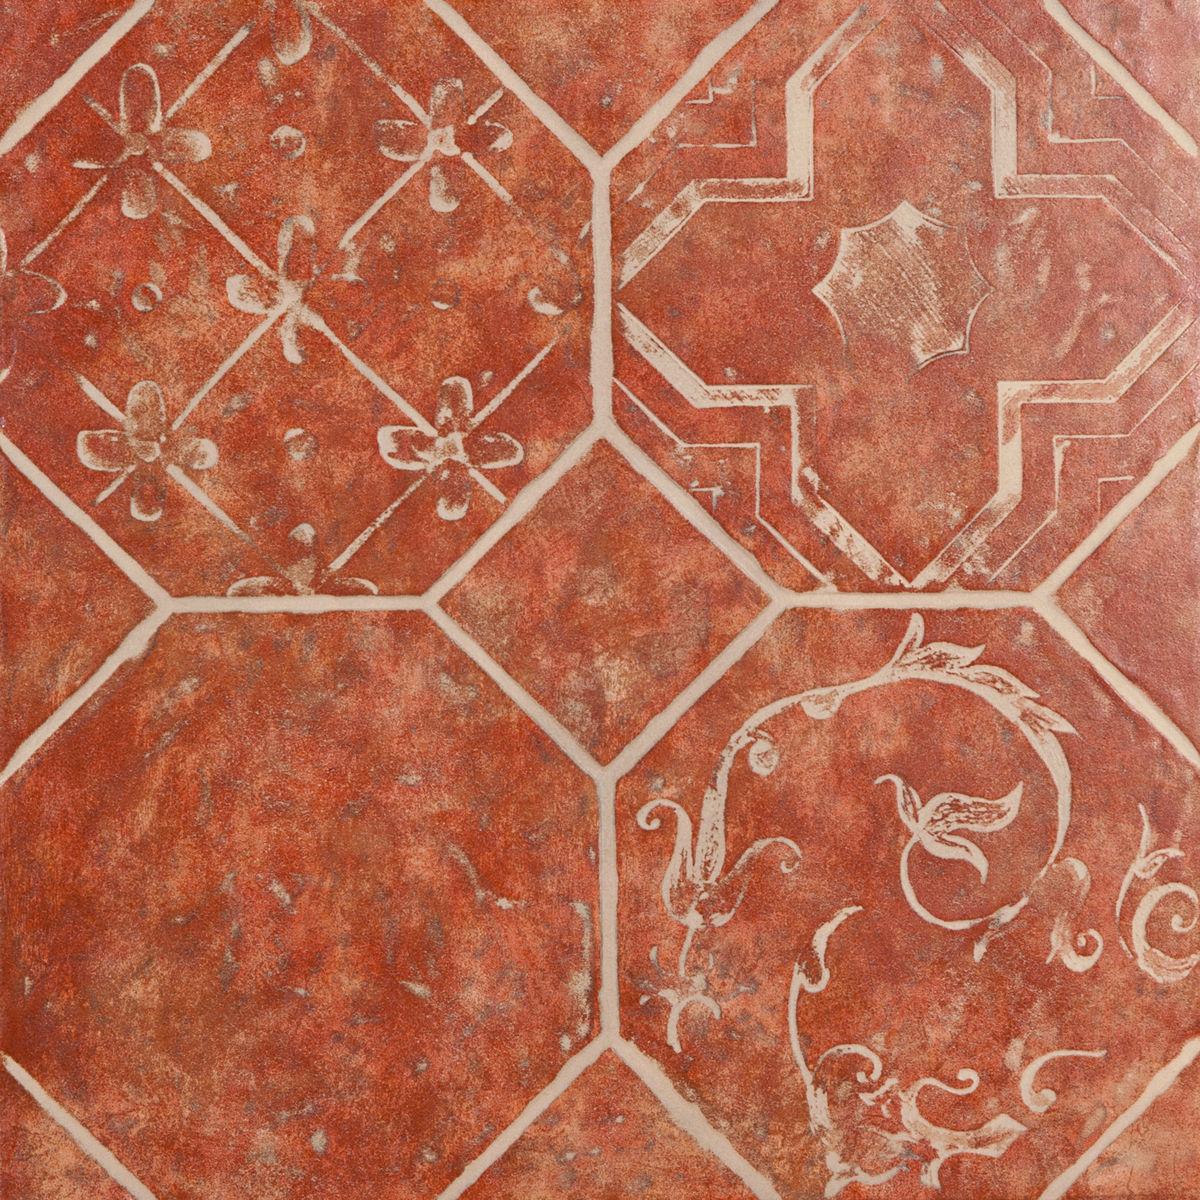 Плитка DECO  OCTAGON ROSSO 45*45 Decorato Octagon Rosso (zwxv82) изображение 1